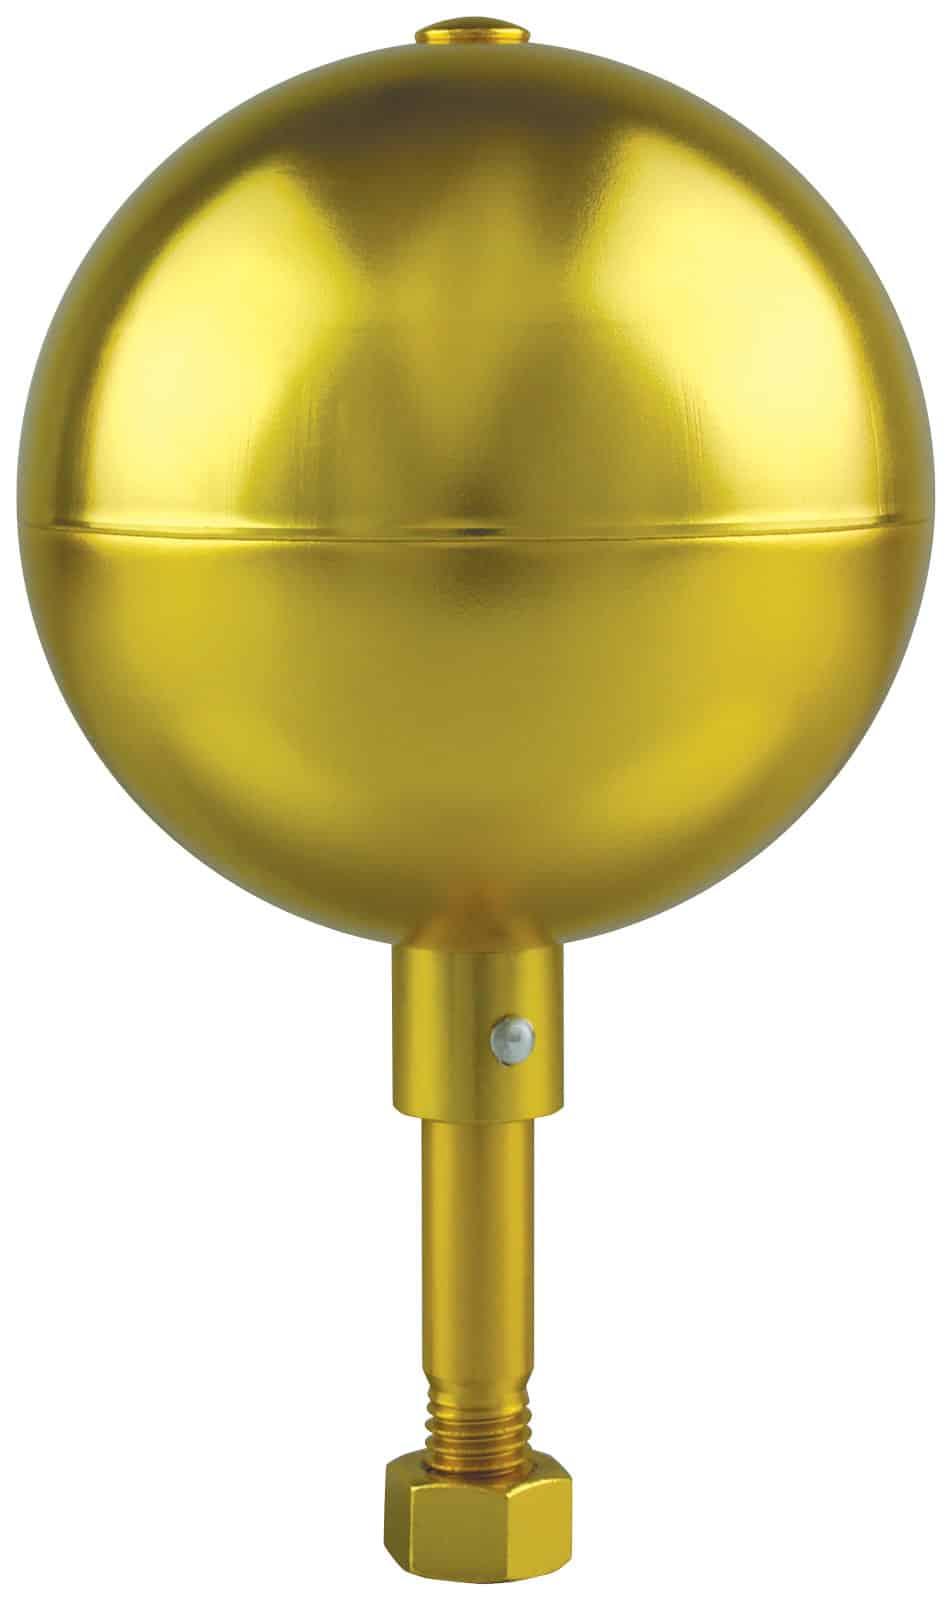 Ball Topper 1